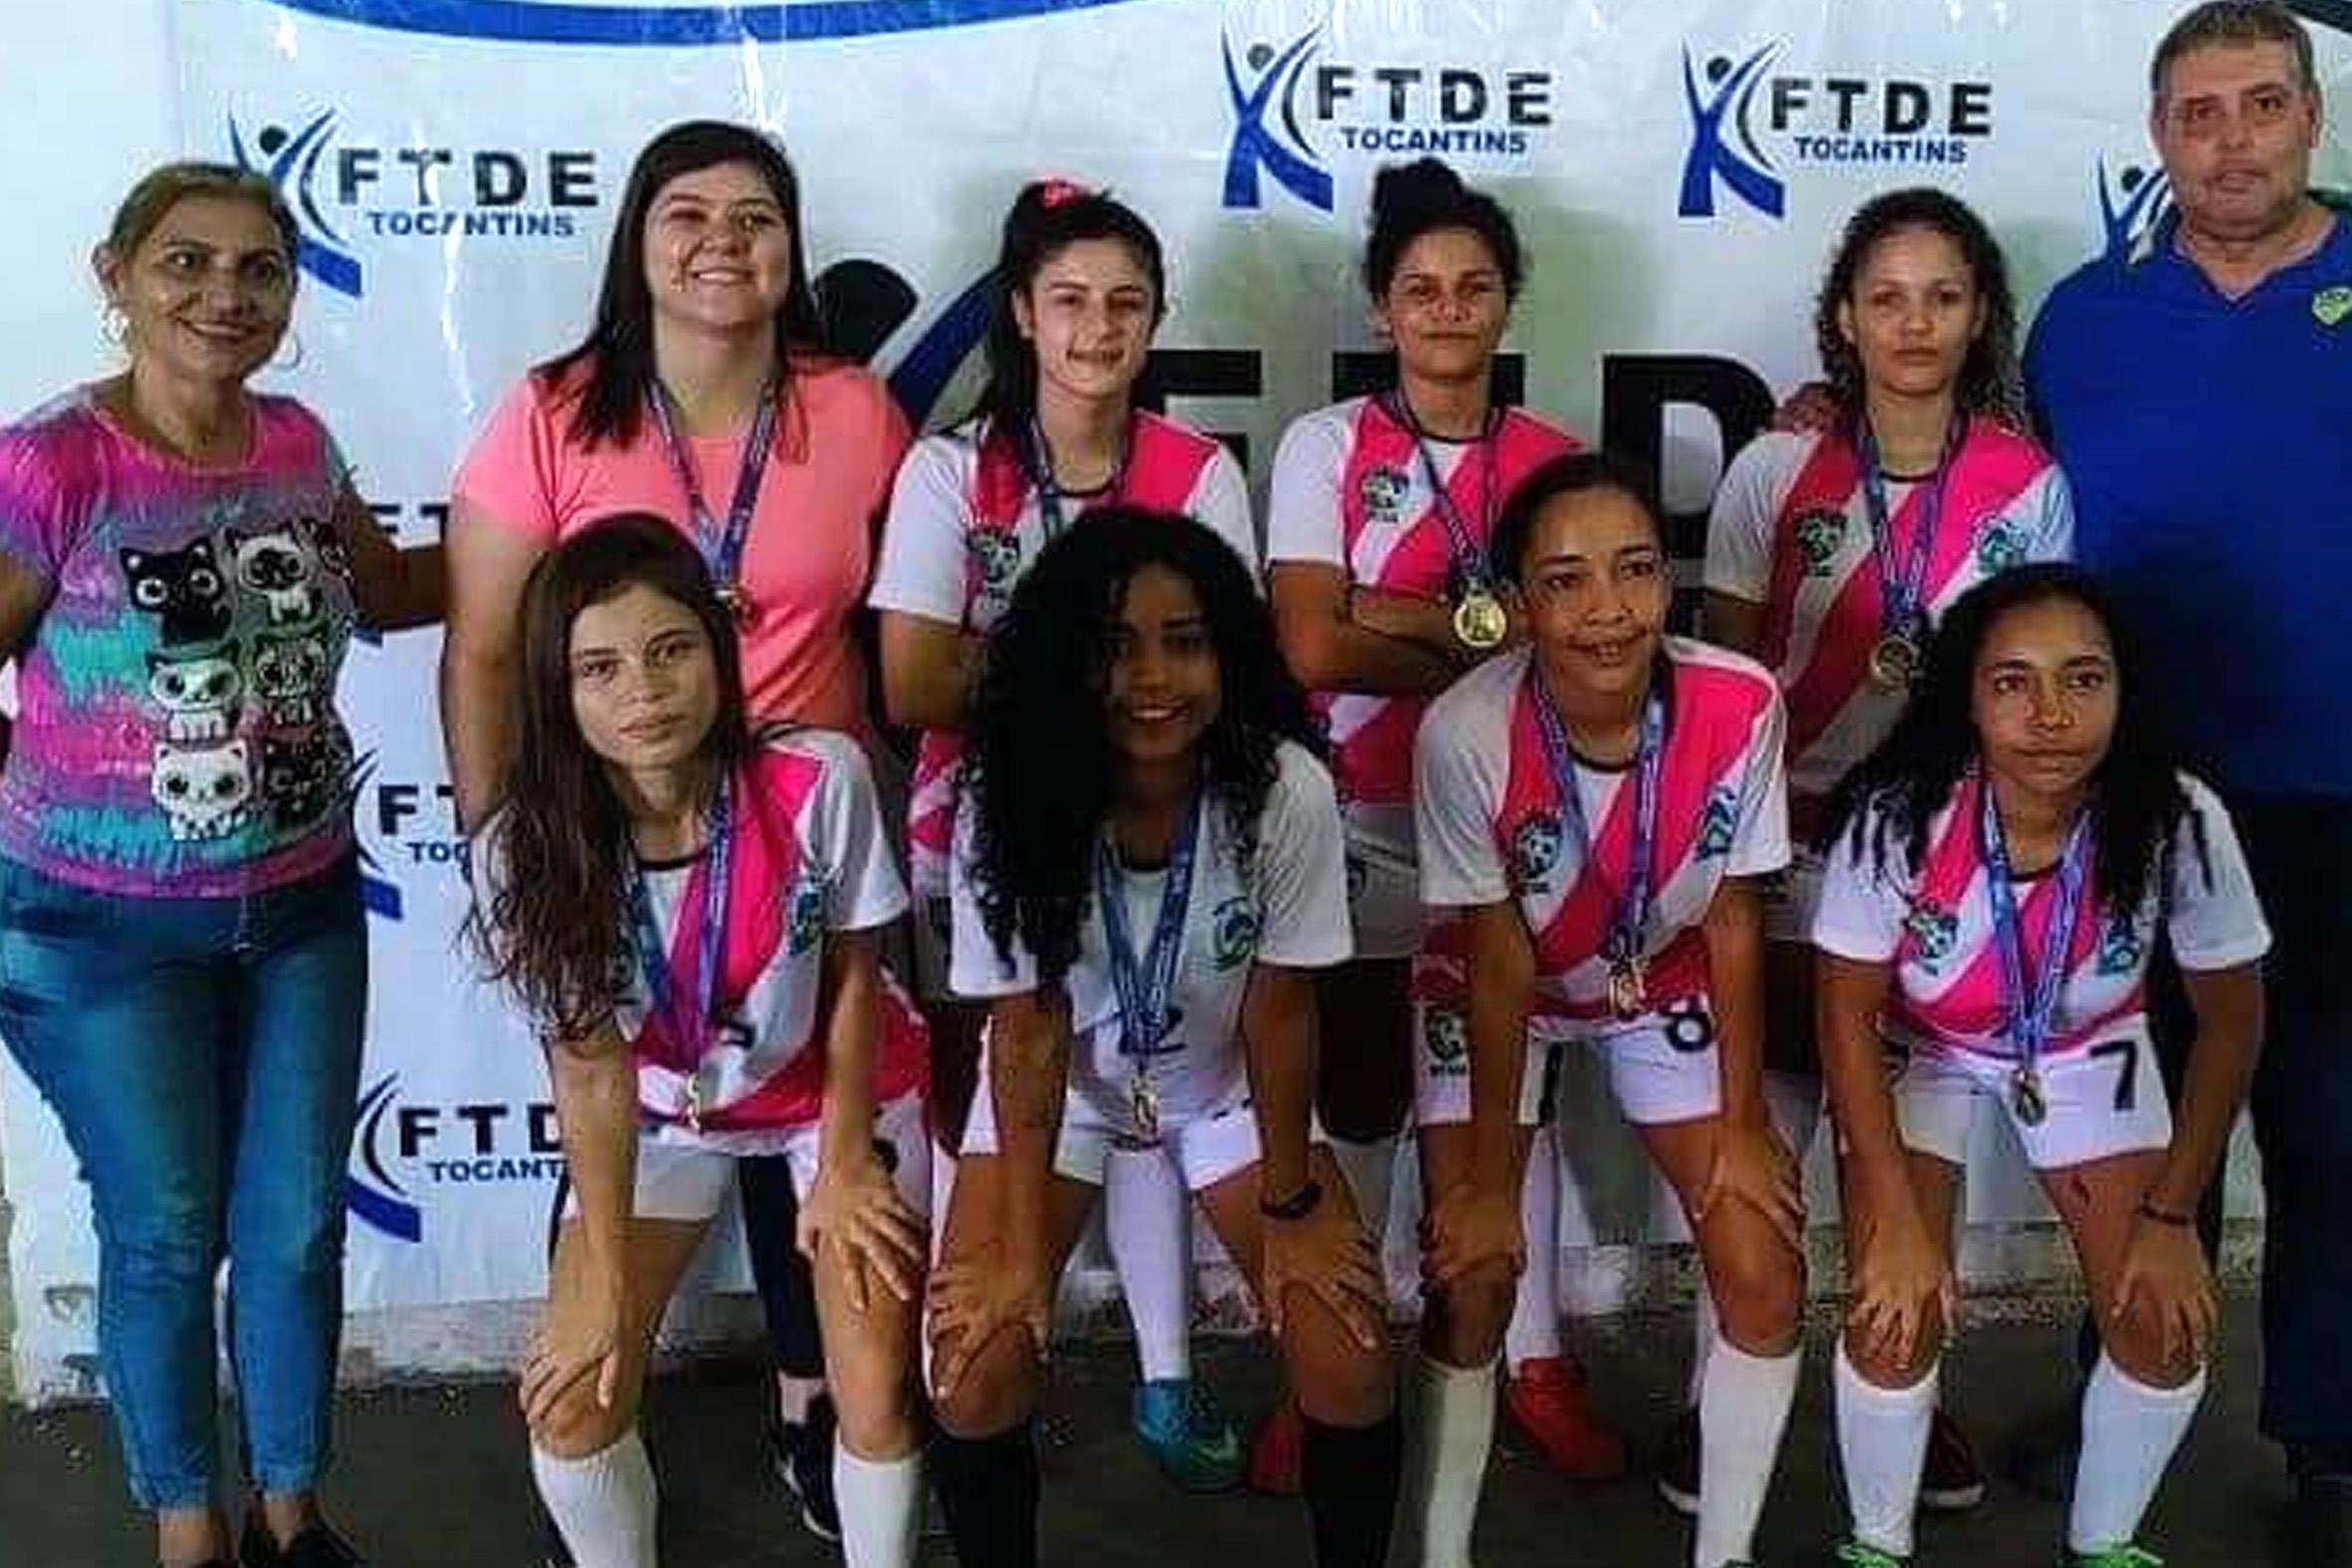 Foto: Divulgação - A competição recebeu apoio da Prefeitura de Guaraí, por meio da Secretaria Municipal de Esporte, Juventude e Turismo, reunindo equipes das cidades de Araguatins, Gurupi, Tabocão, além de Guaraí, cidade sede.